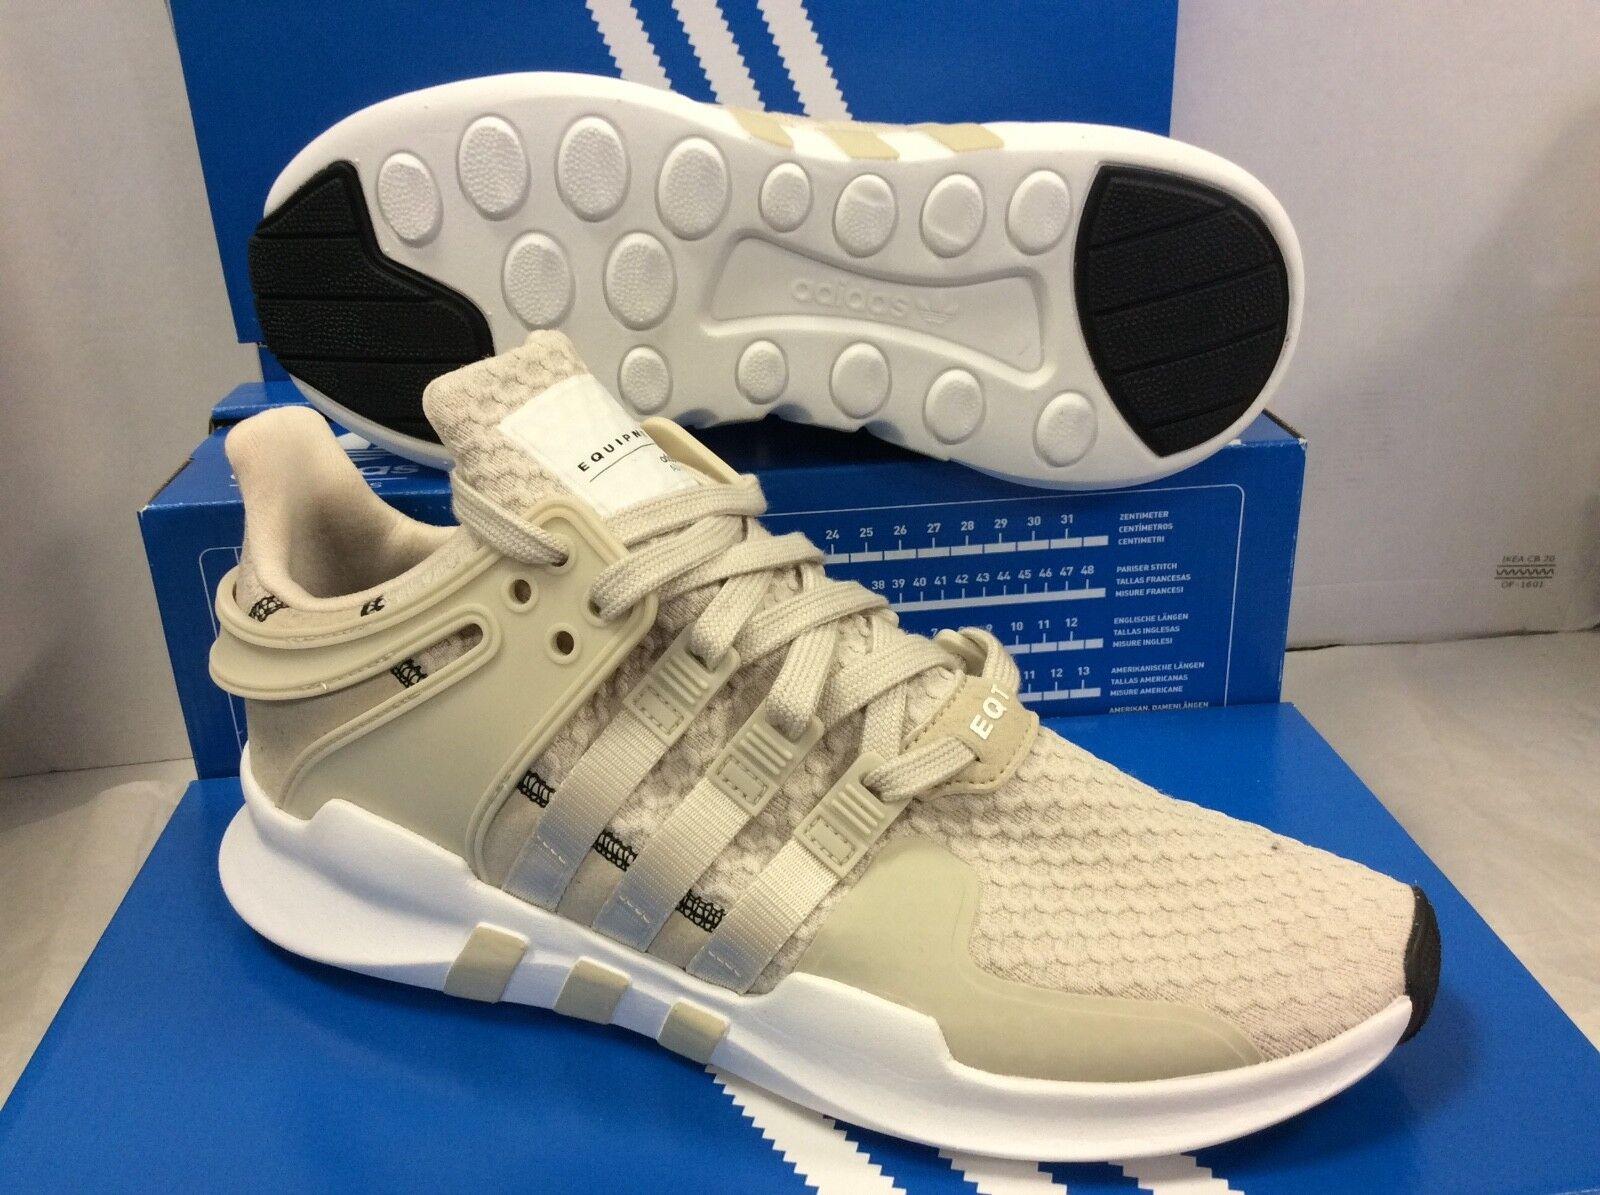 ADIDAS Originals EQT Sostegno ADV DB1550 Sneaker Uomo, Taglia /EUR 44 Scarpe classiche da uomo